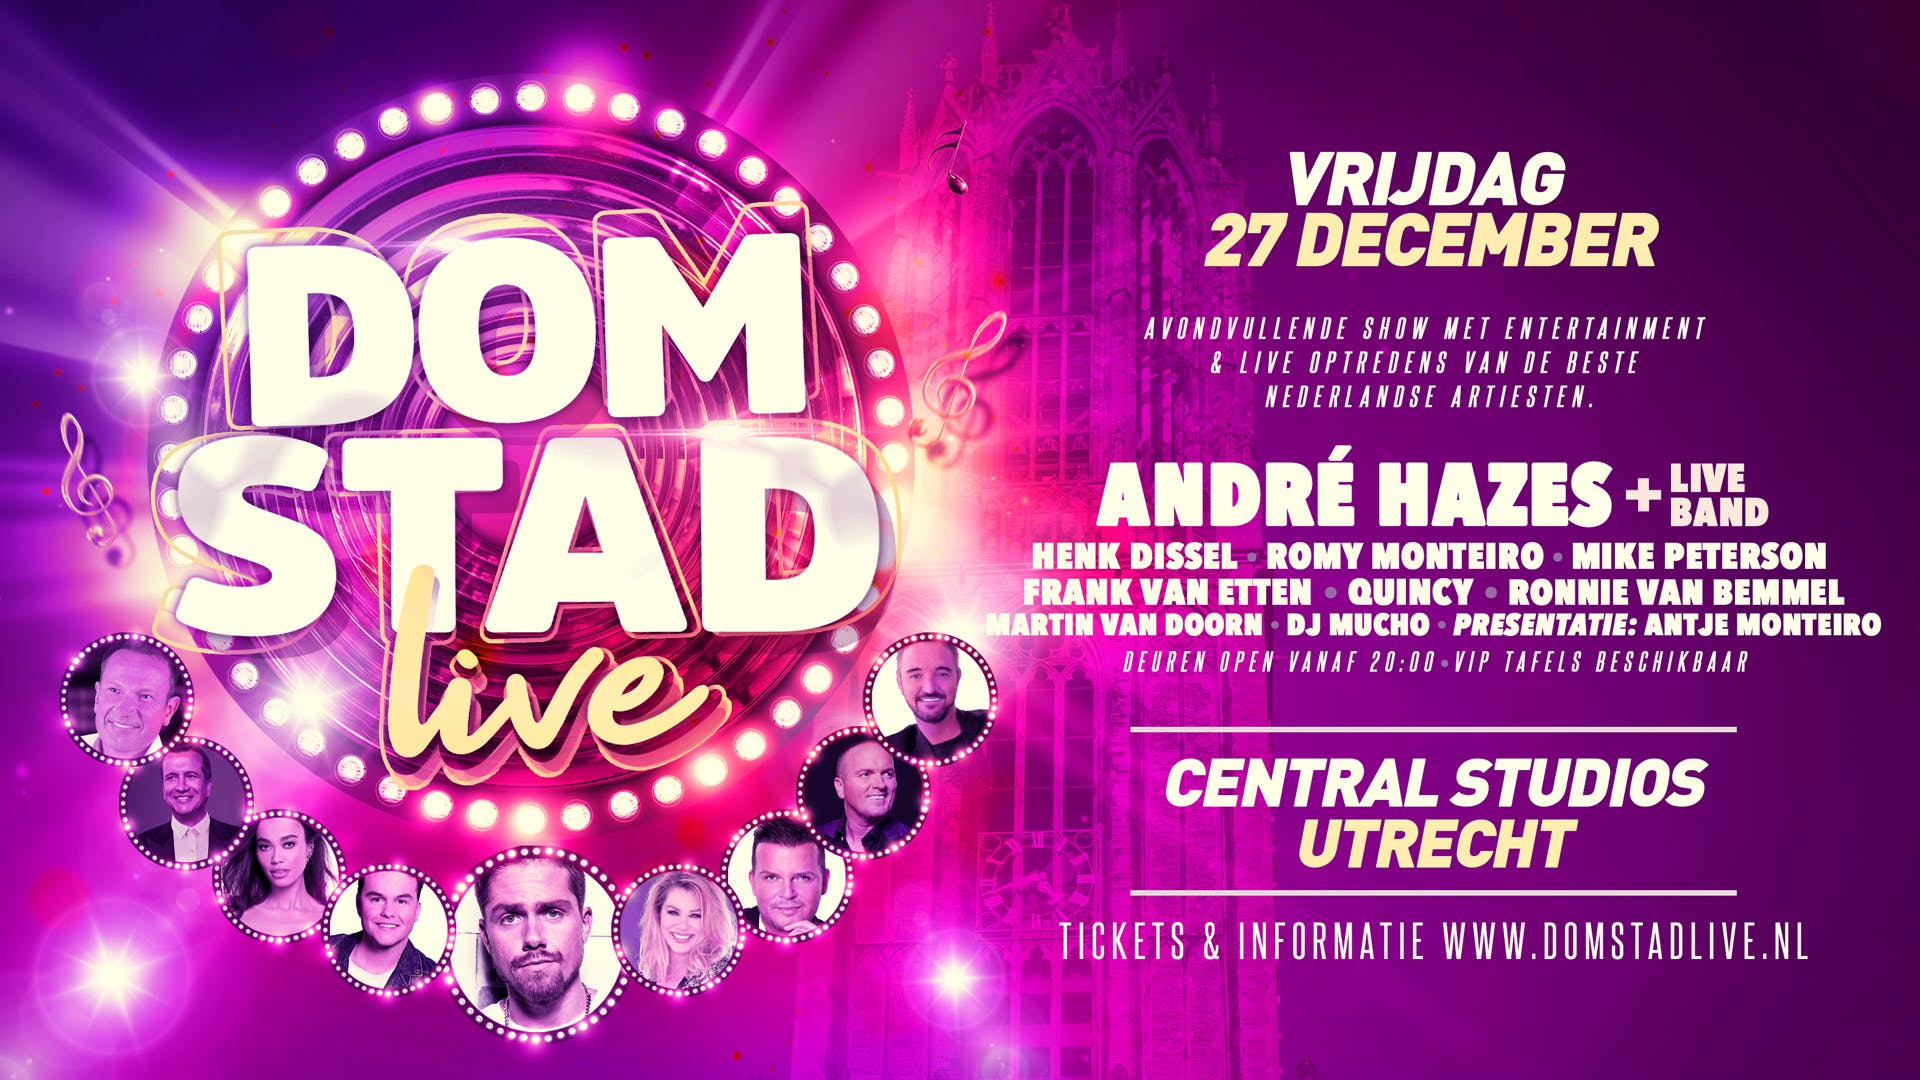 Domstad Live Central Studios Utrecht December 27 To December 28 Allevents In